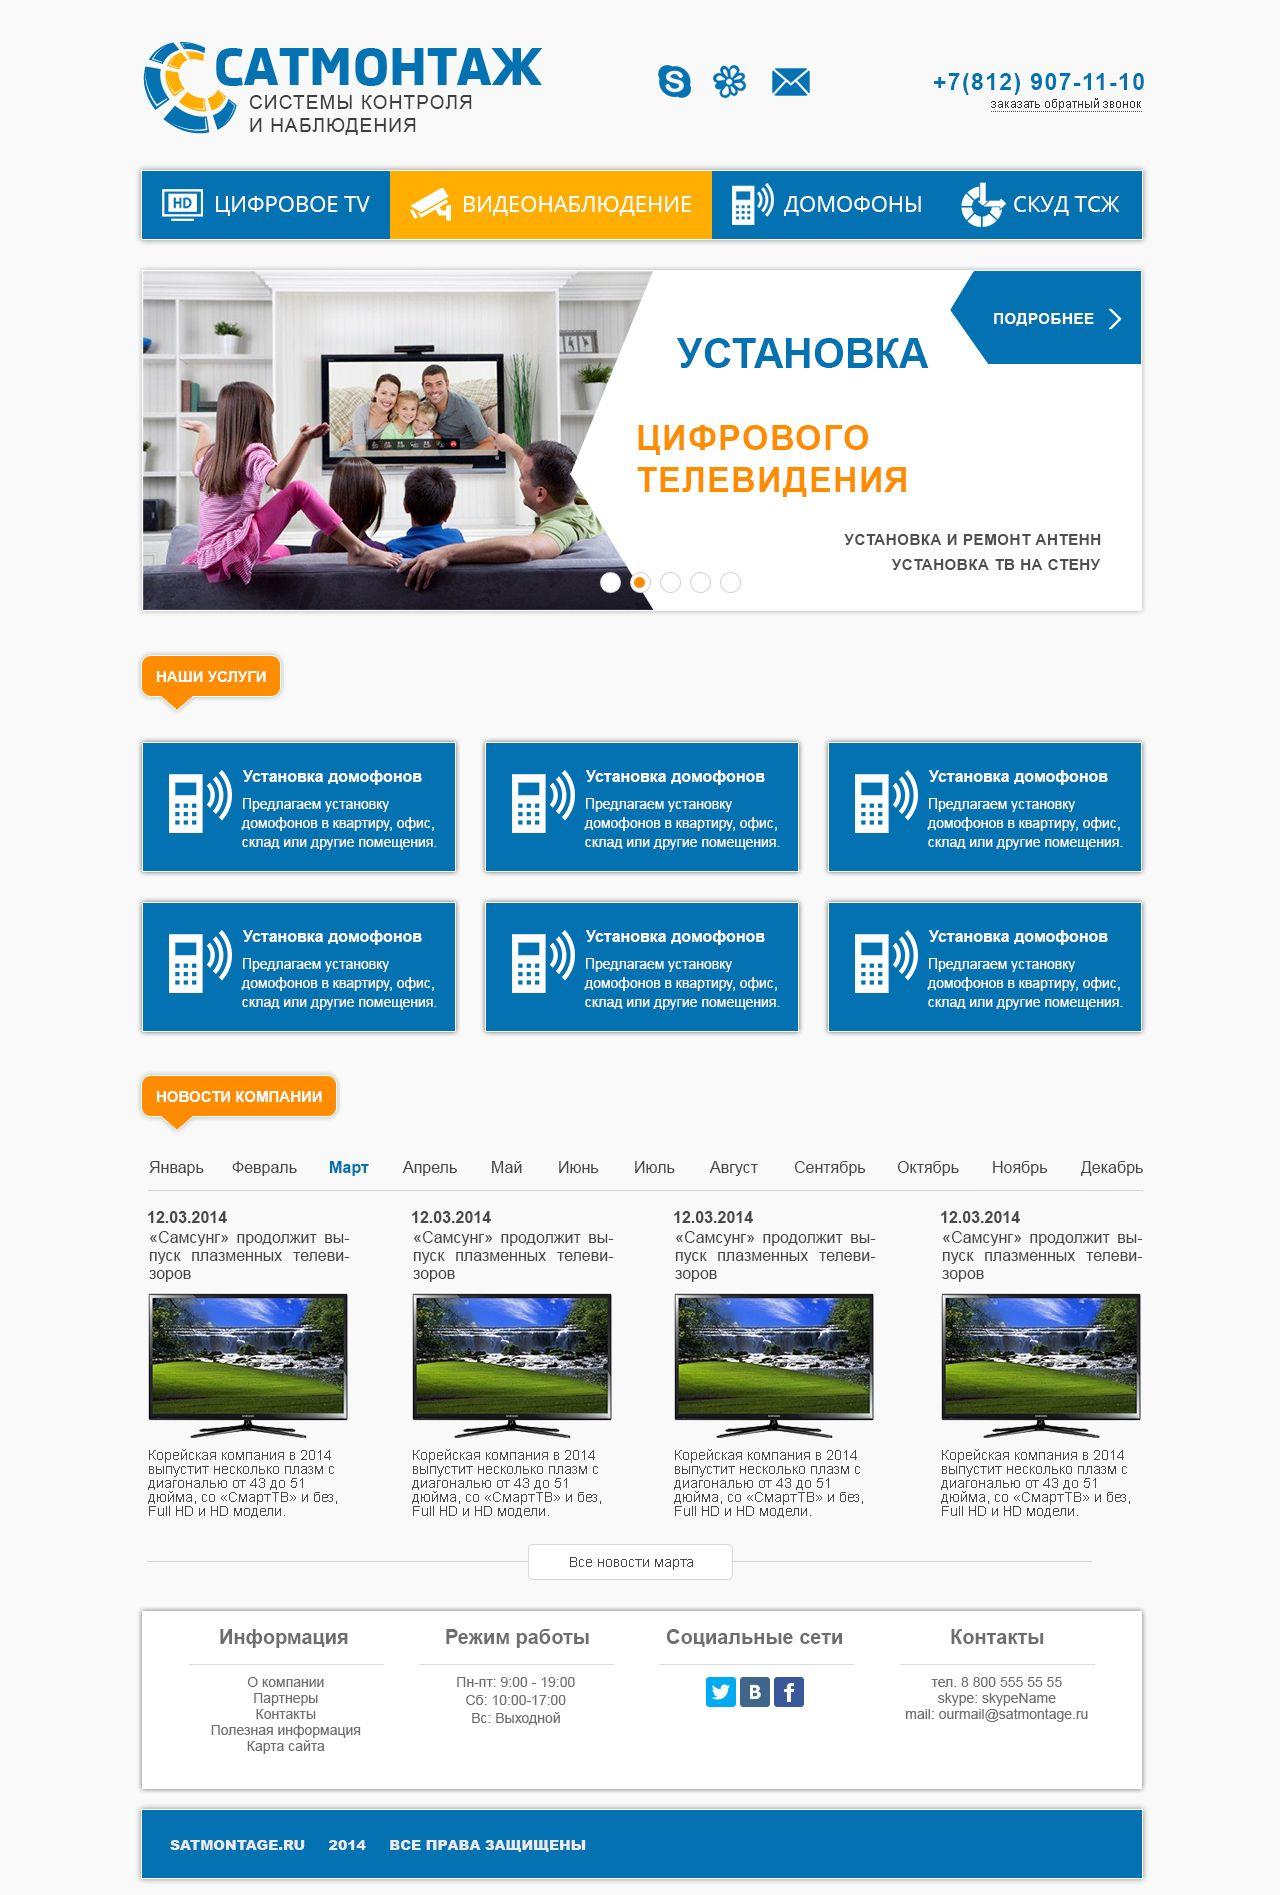 Дизайн (редизайн) существующего сайта - дизайнер gr-rox